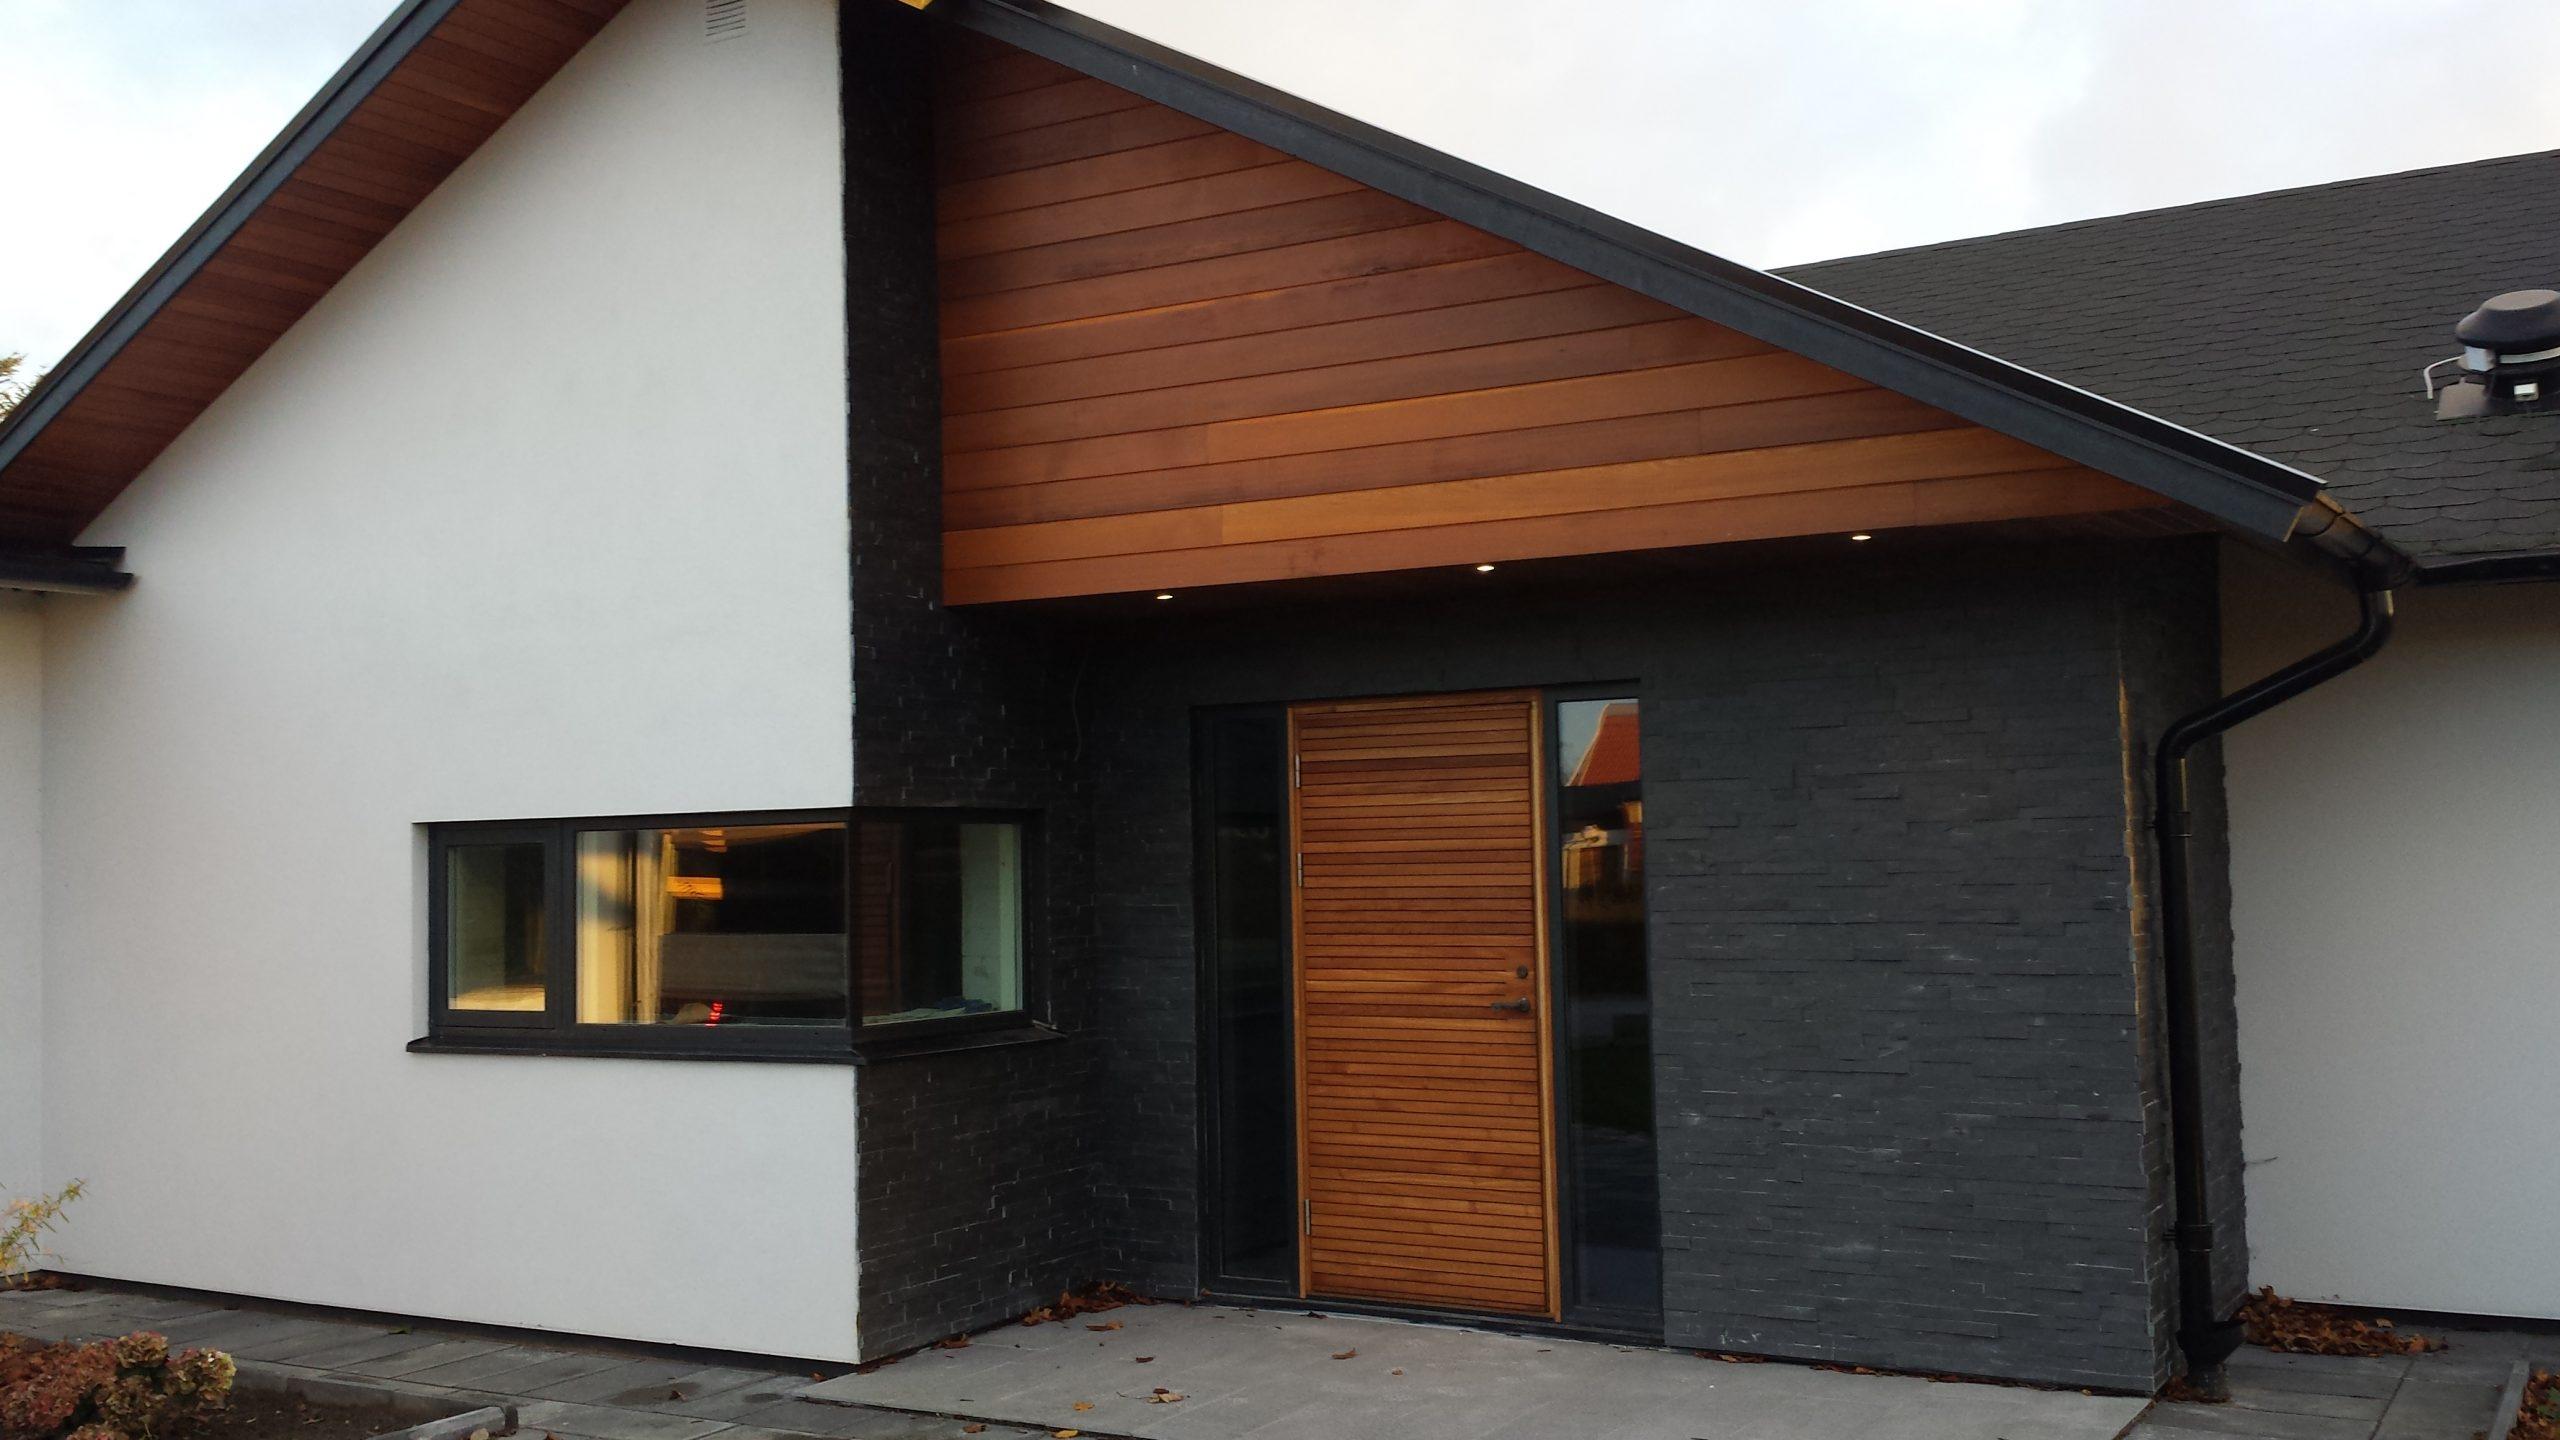 Cederträ dörr fasad